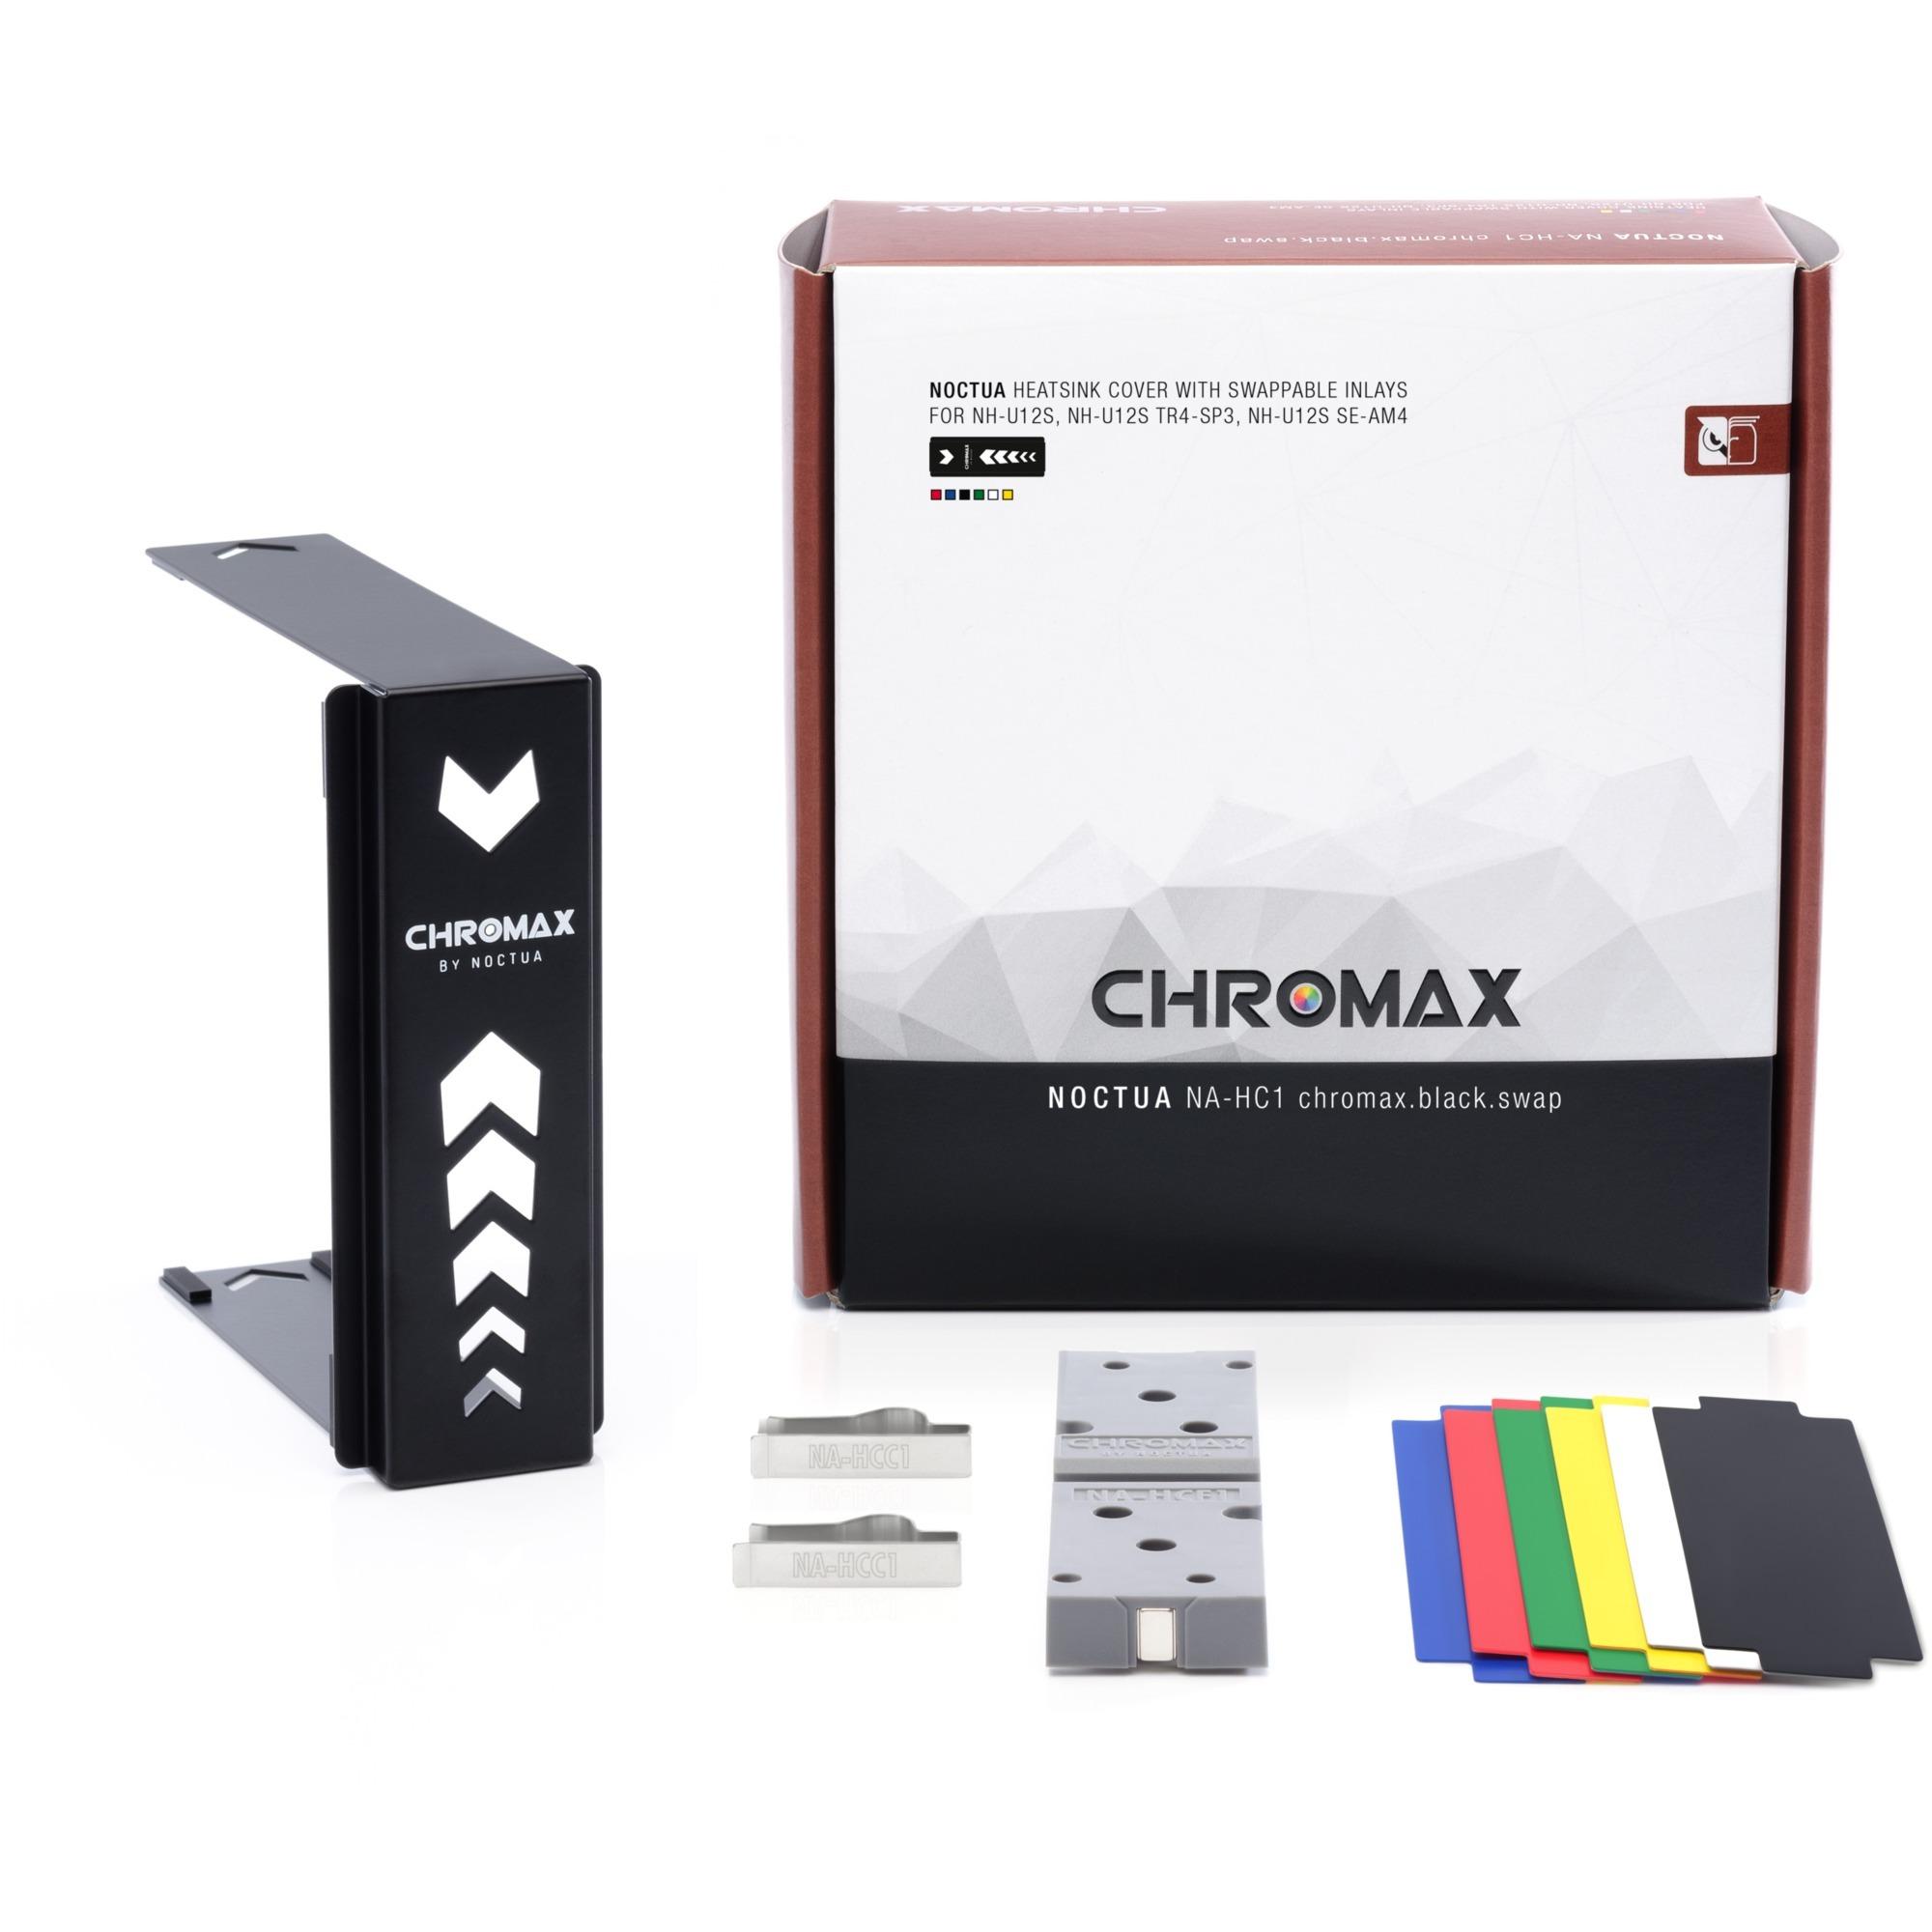 NA-HC1 chromax.black.swap, Cubierta